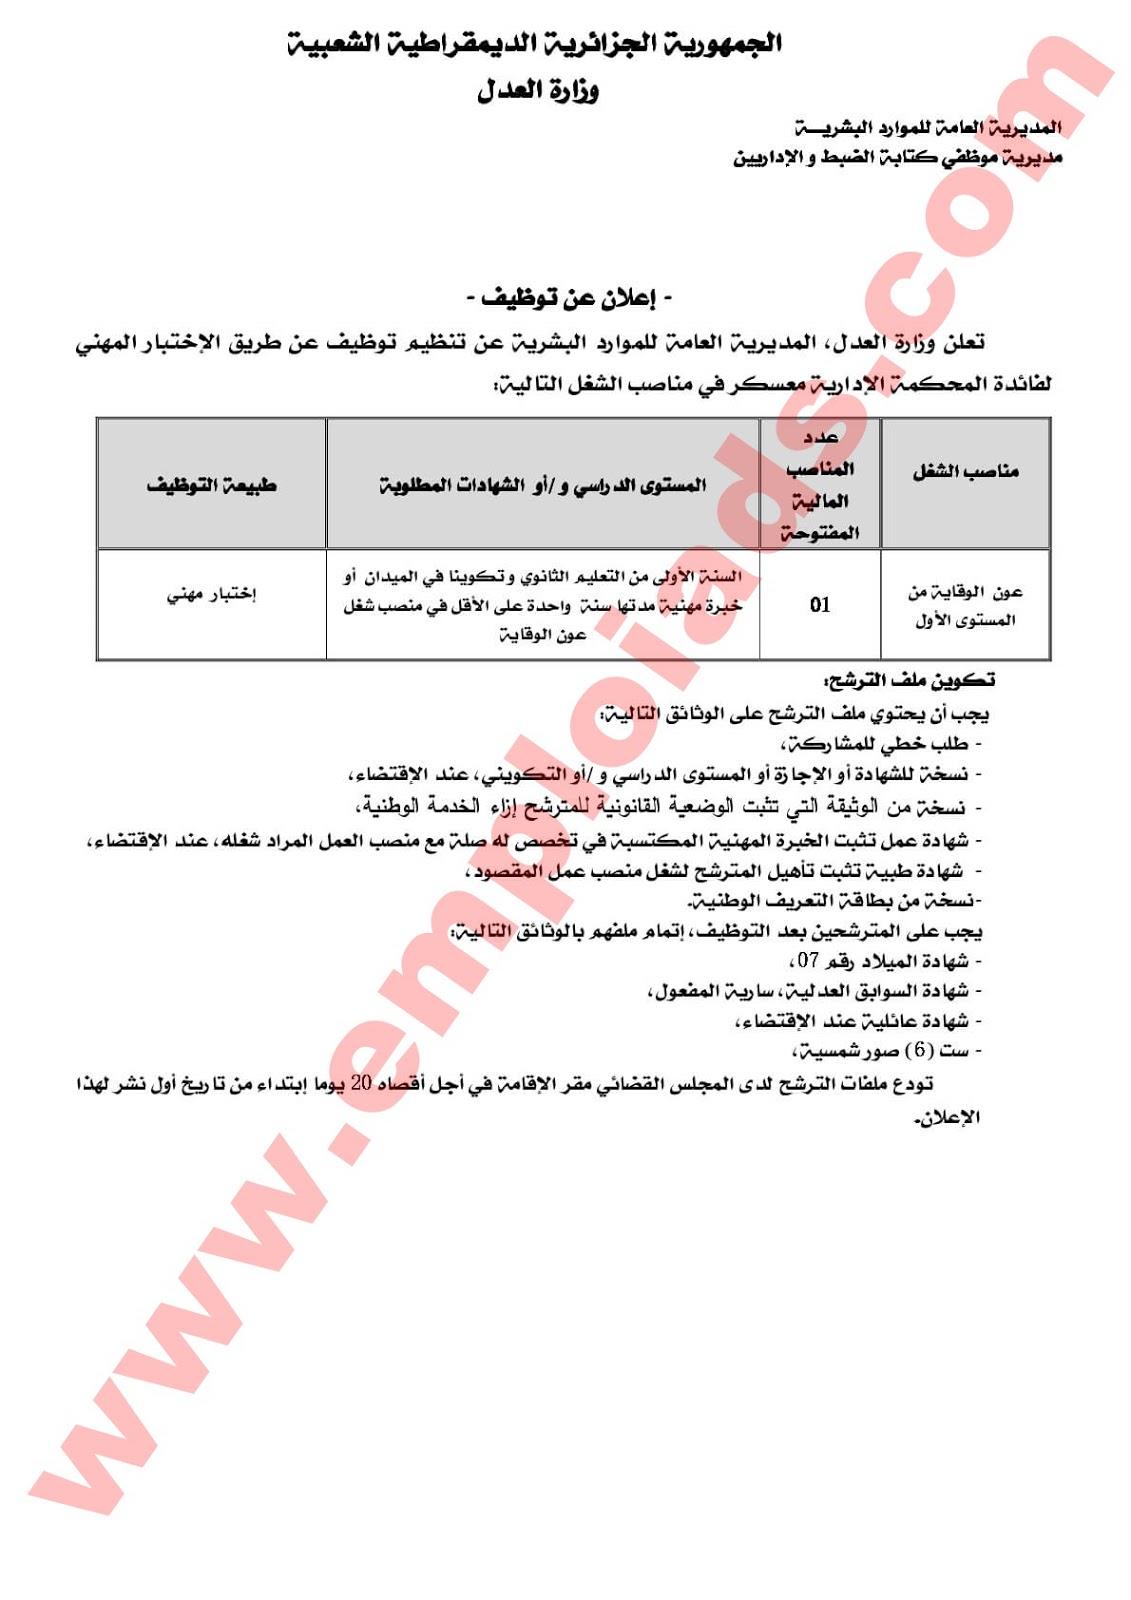 اعلان عن توظيف لفائدة المحكمة الادارية لولاية المدية جانفي 2017